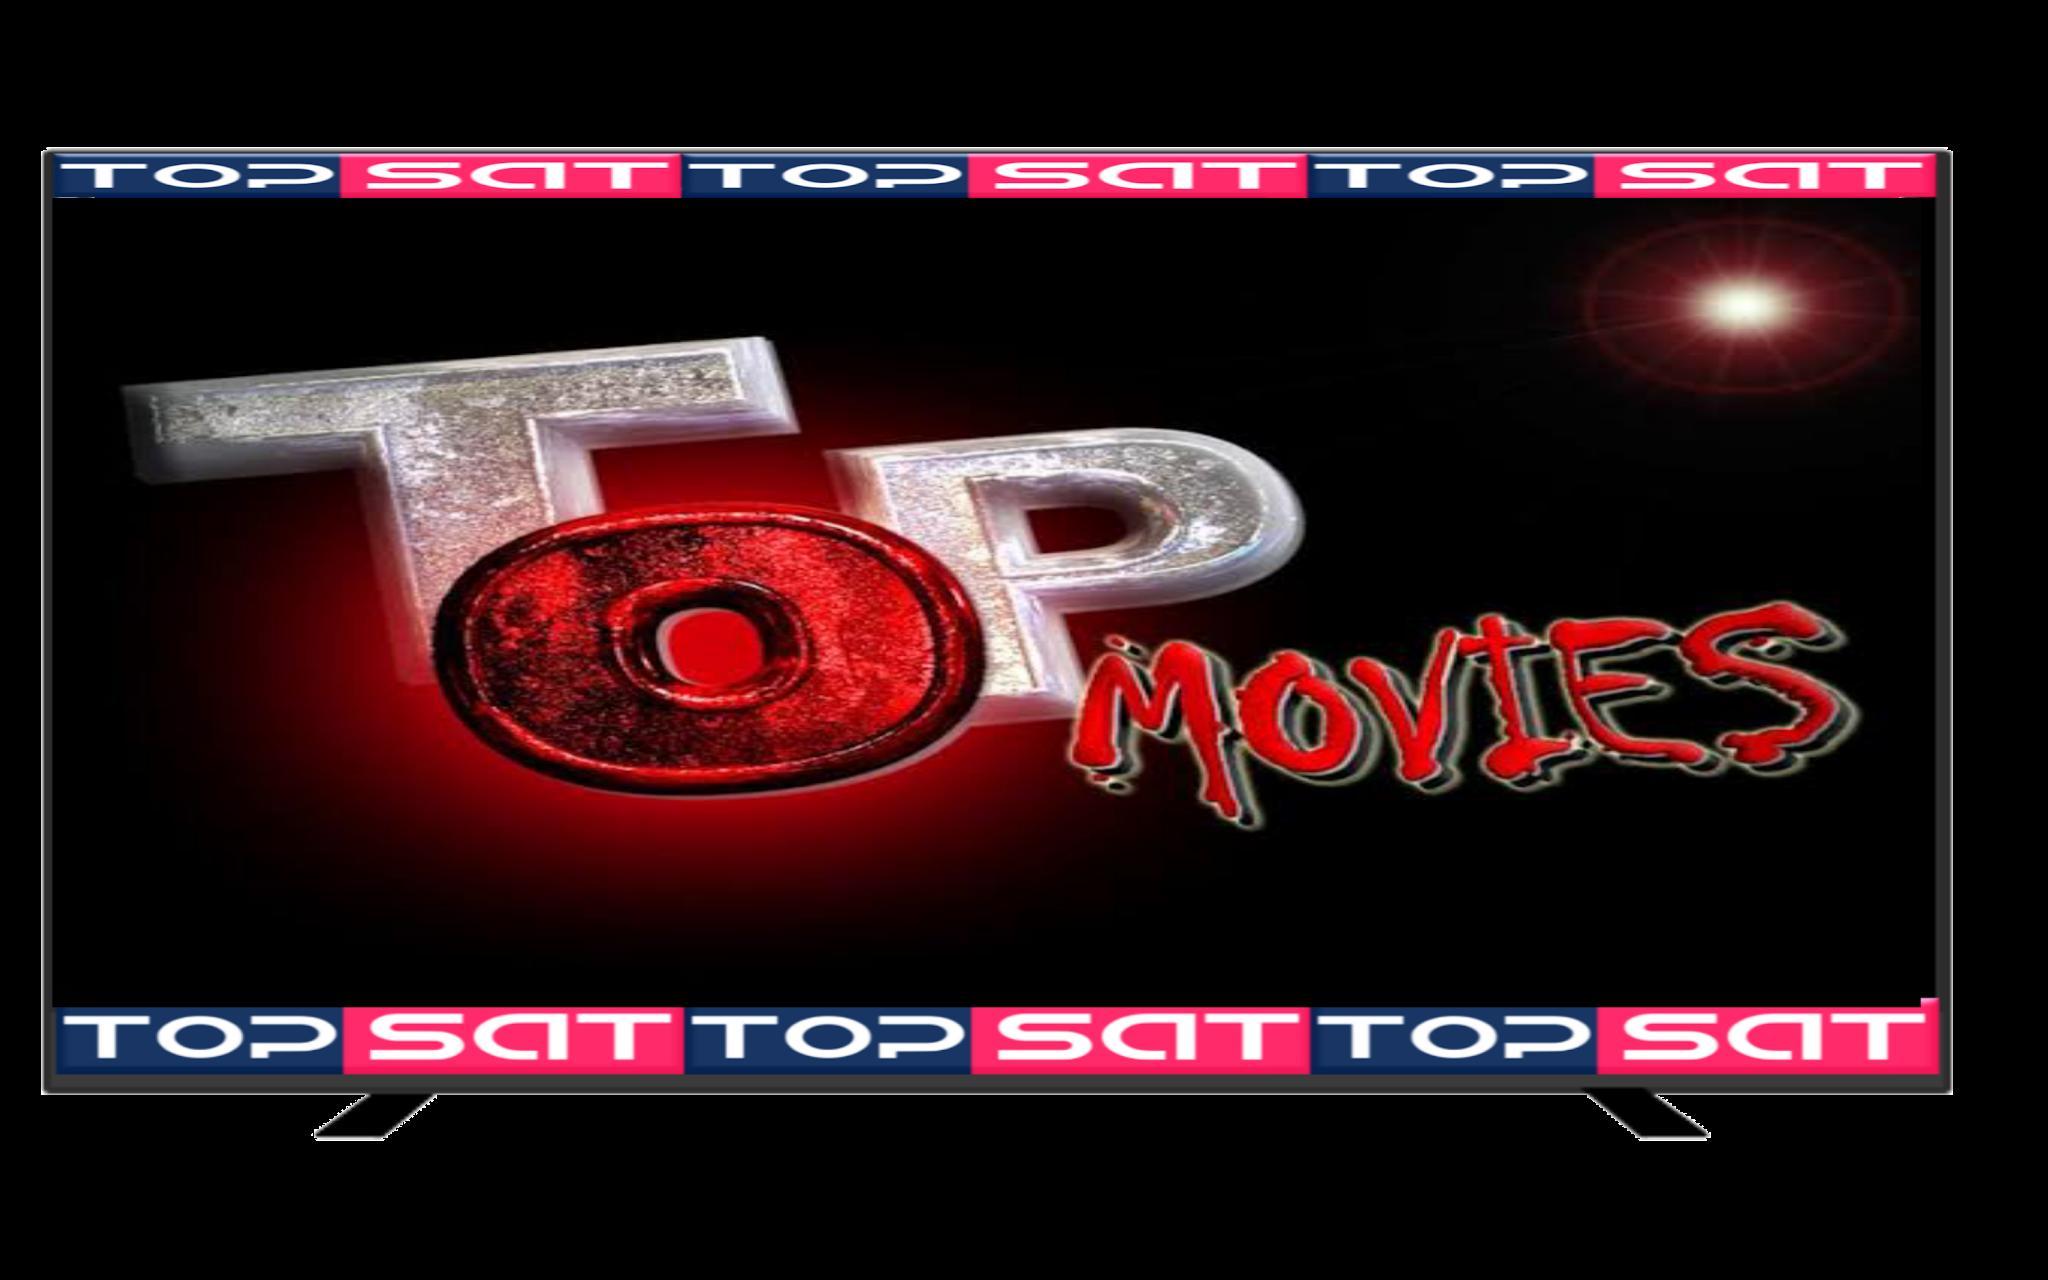 تردد قناة توب موفيز الجديد top movies بعد عودة البث مرة أخرى على النايل سات 2021